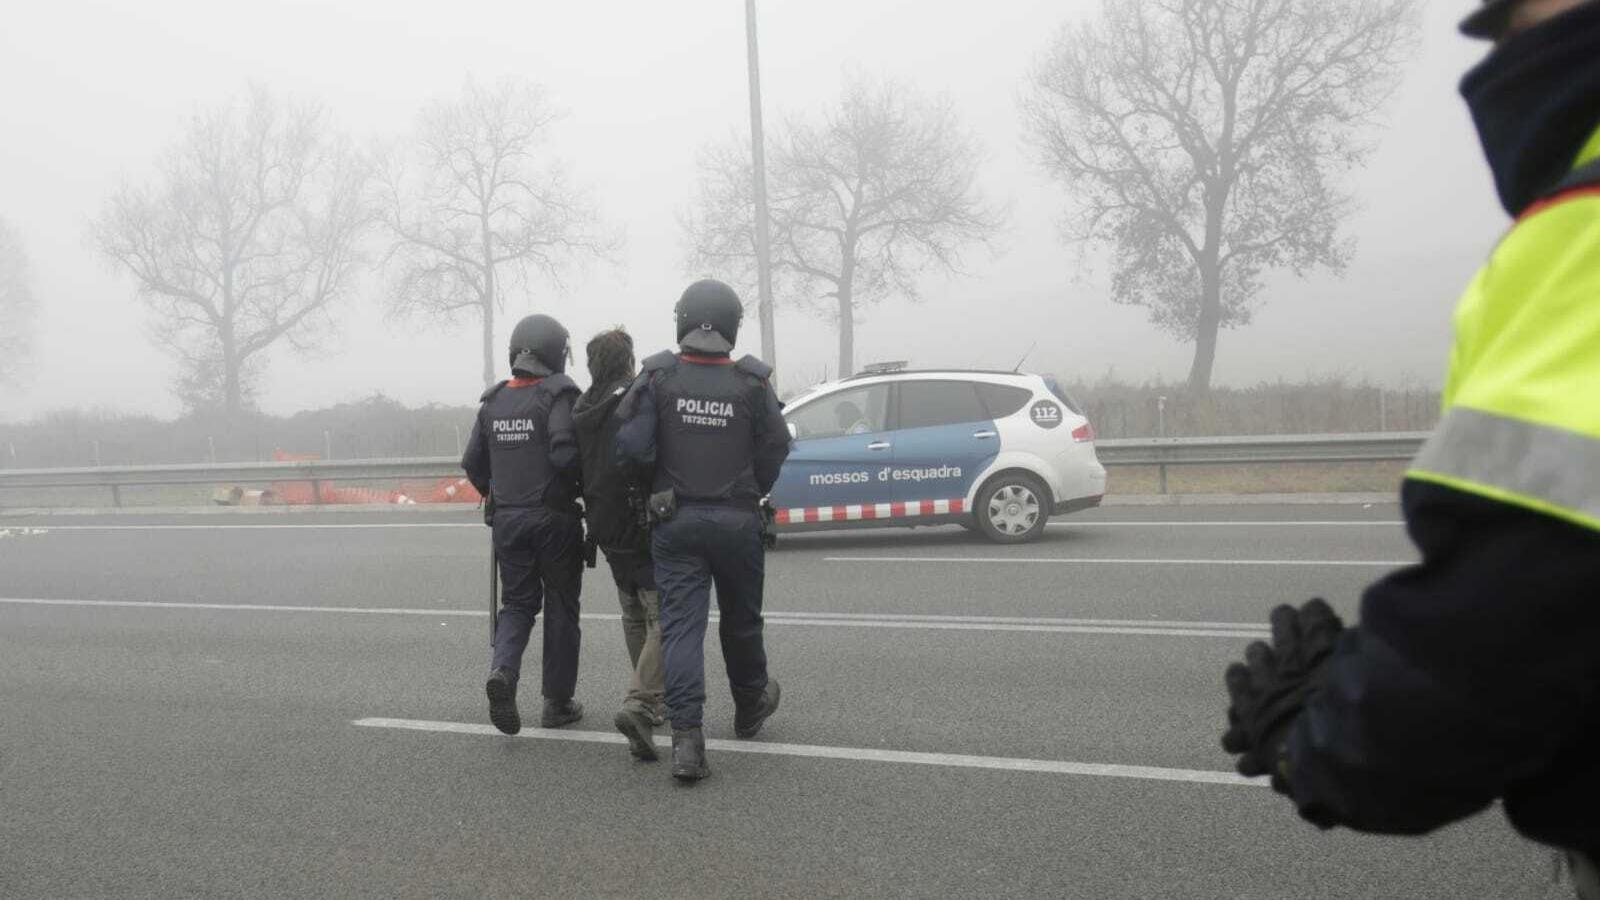 Quatre detinguts en les mobilitzacions del 21-F